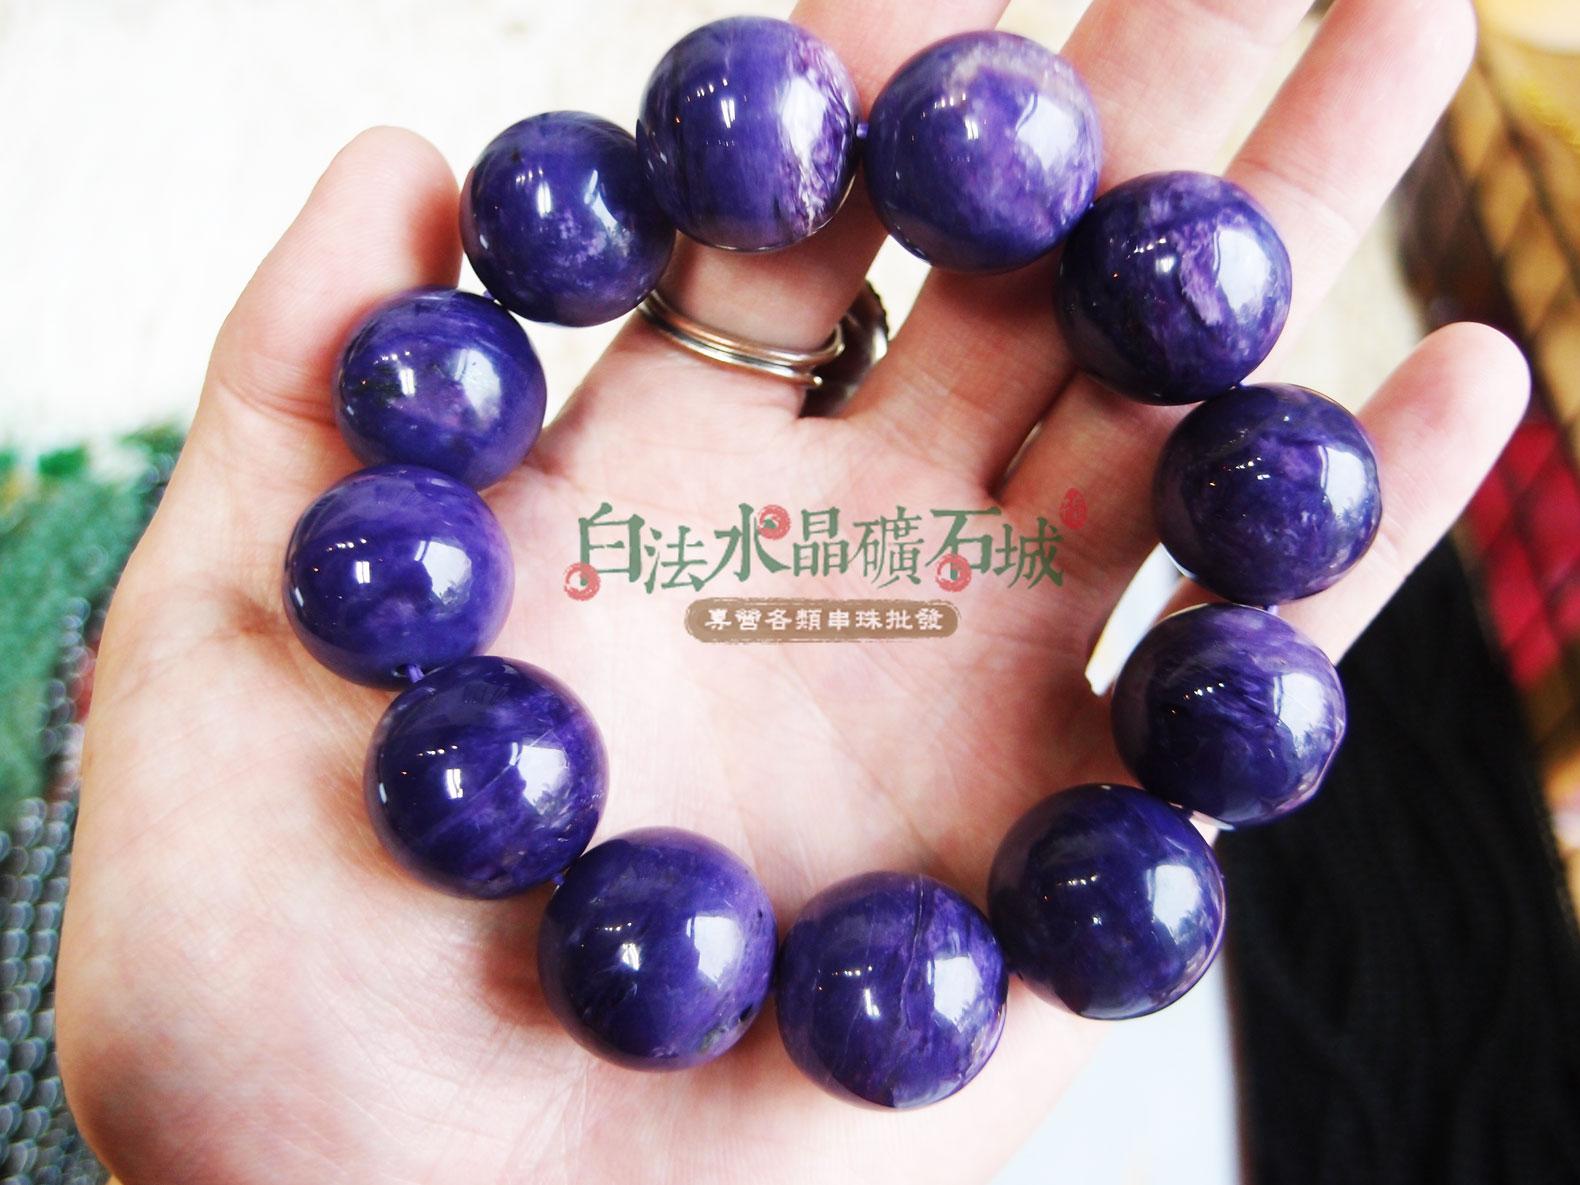 白法水晶礦石城 俄羅斯 極品 天然-紫龍晶 勻稱 水頭充足 深紫色 20mm 手鍊 首飾材料 編號2